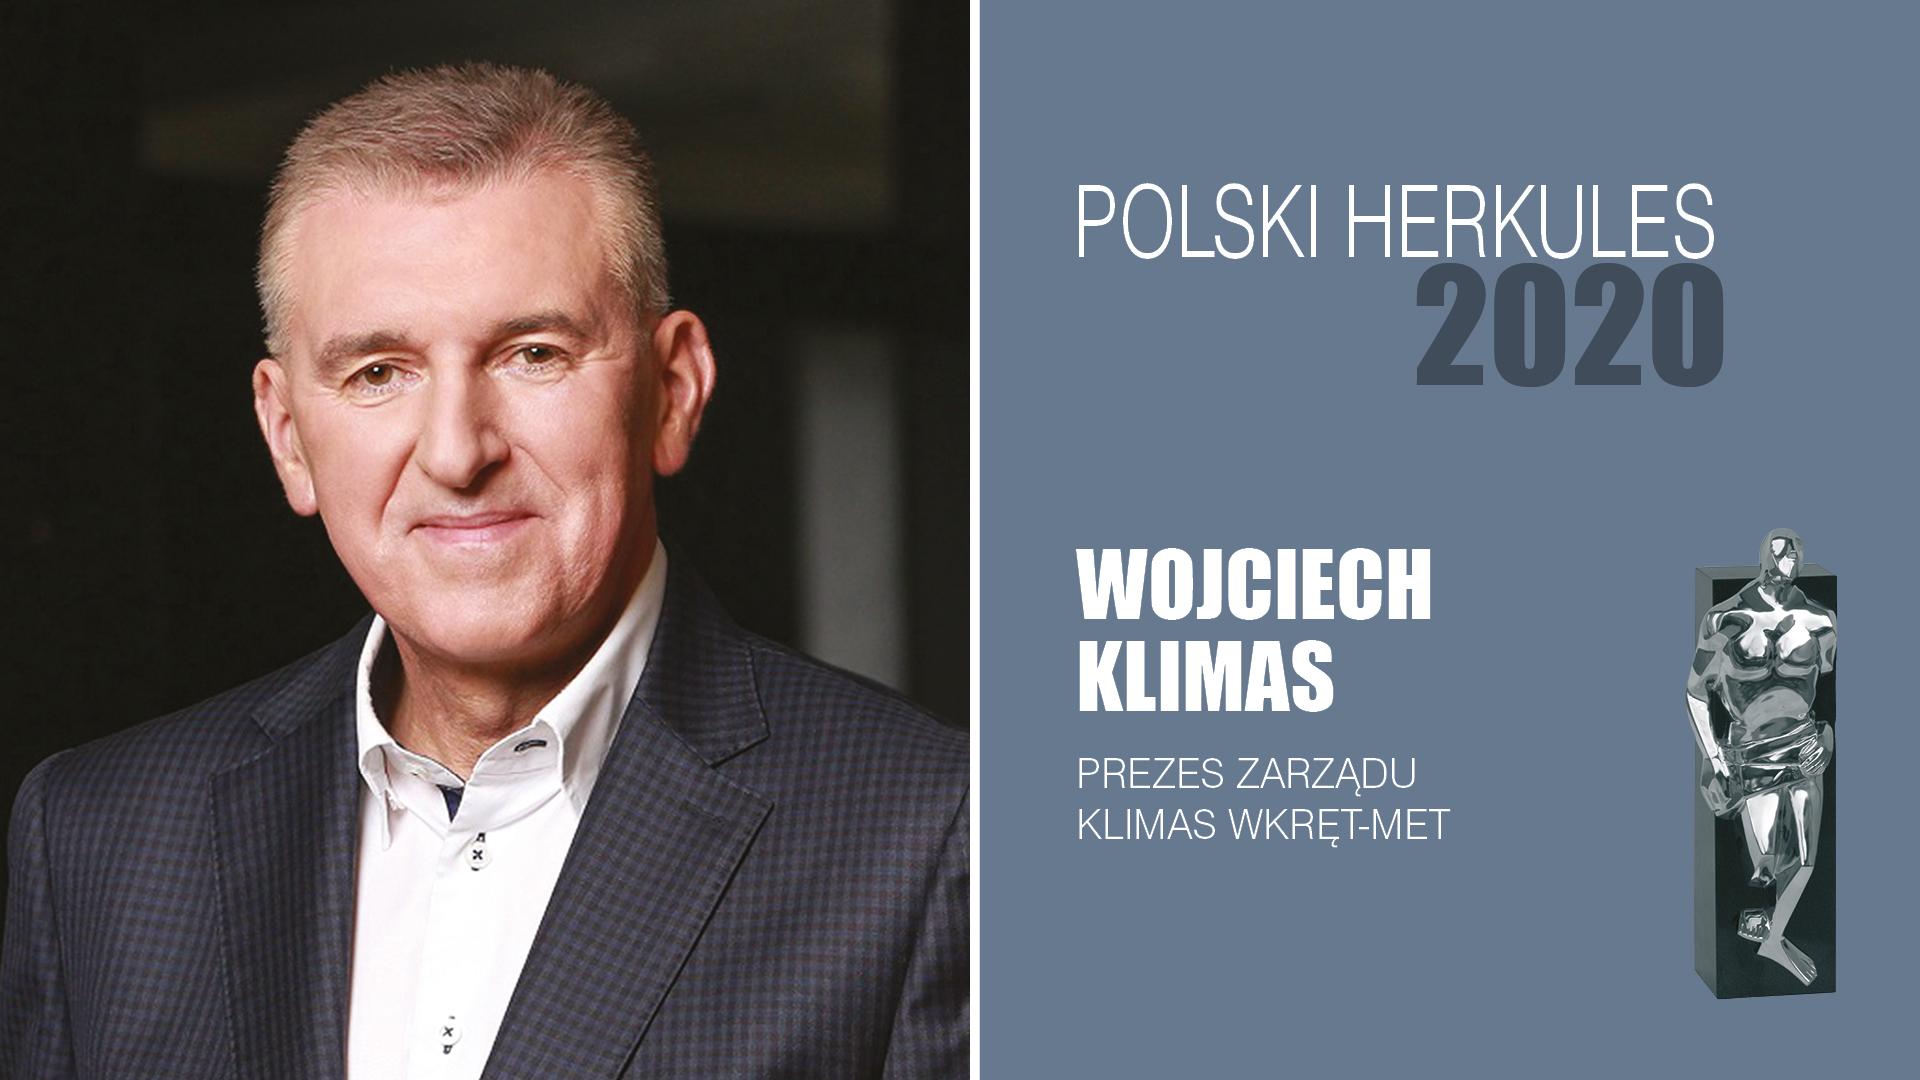 WOJCIECH KLIMAS – Polski Herkules 2020